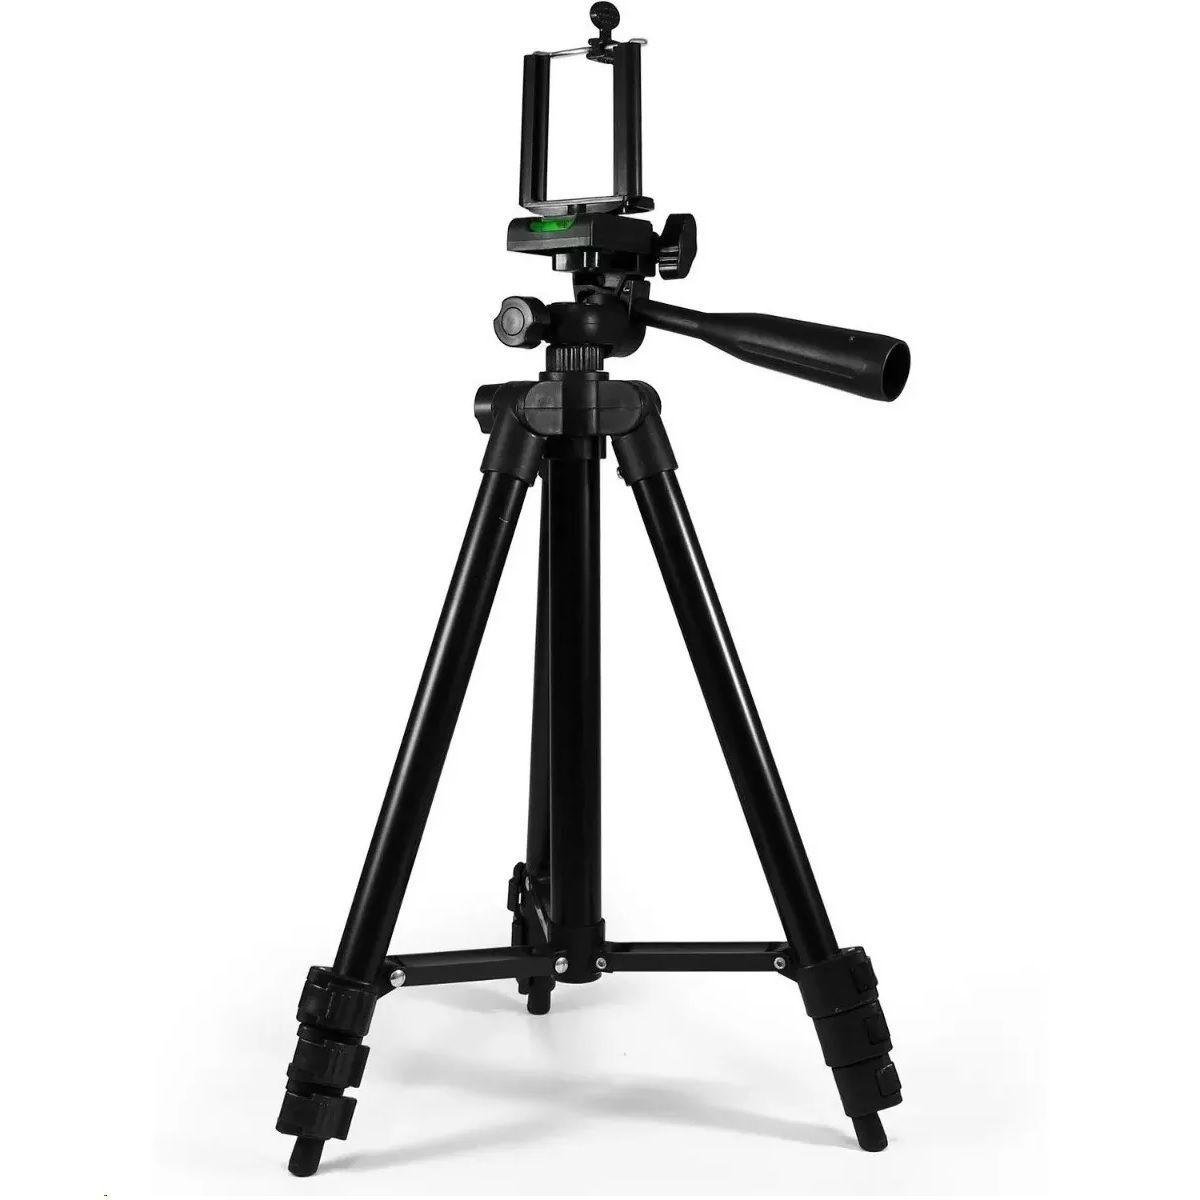 Kit Mini Estudio 60cm + Tripé Telescópico 1,2m - EVOBOX+SL-2111H